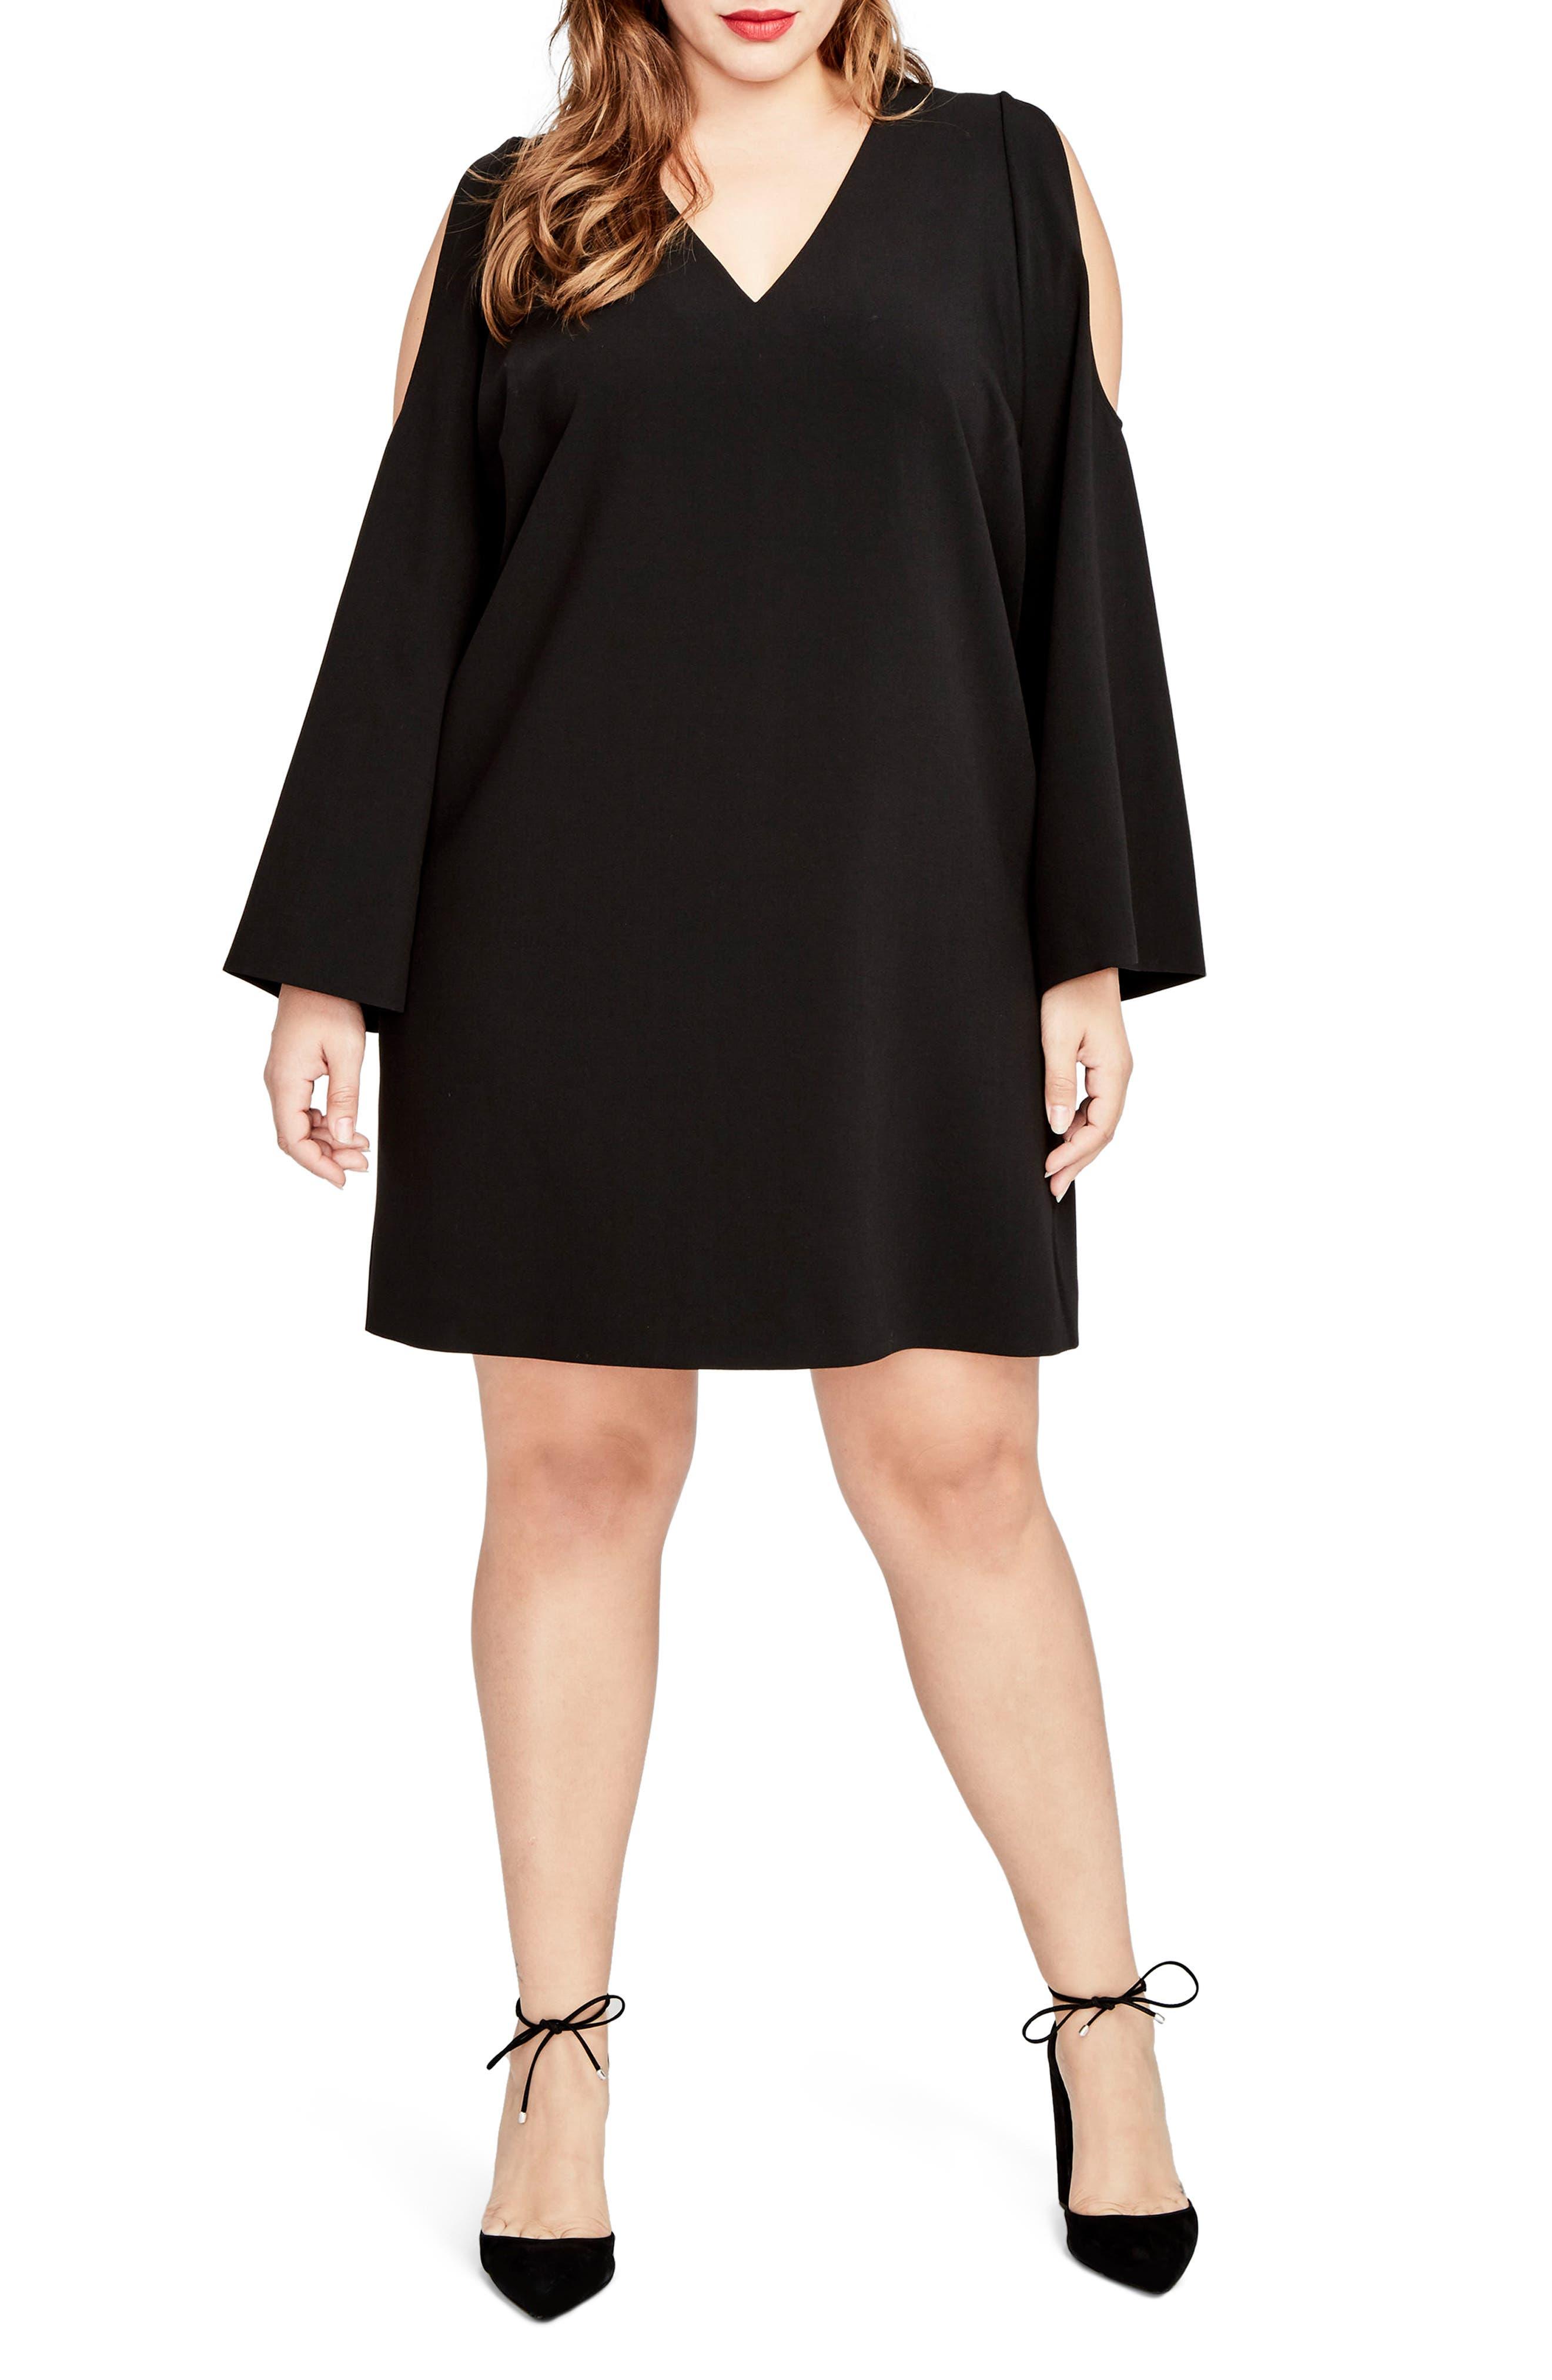 Main Image - RACHEL Rachel Roy Cold Shoulder Shift Dress (Plus Size)